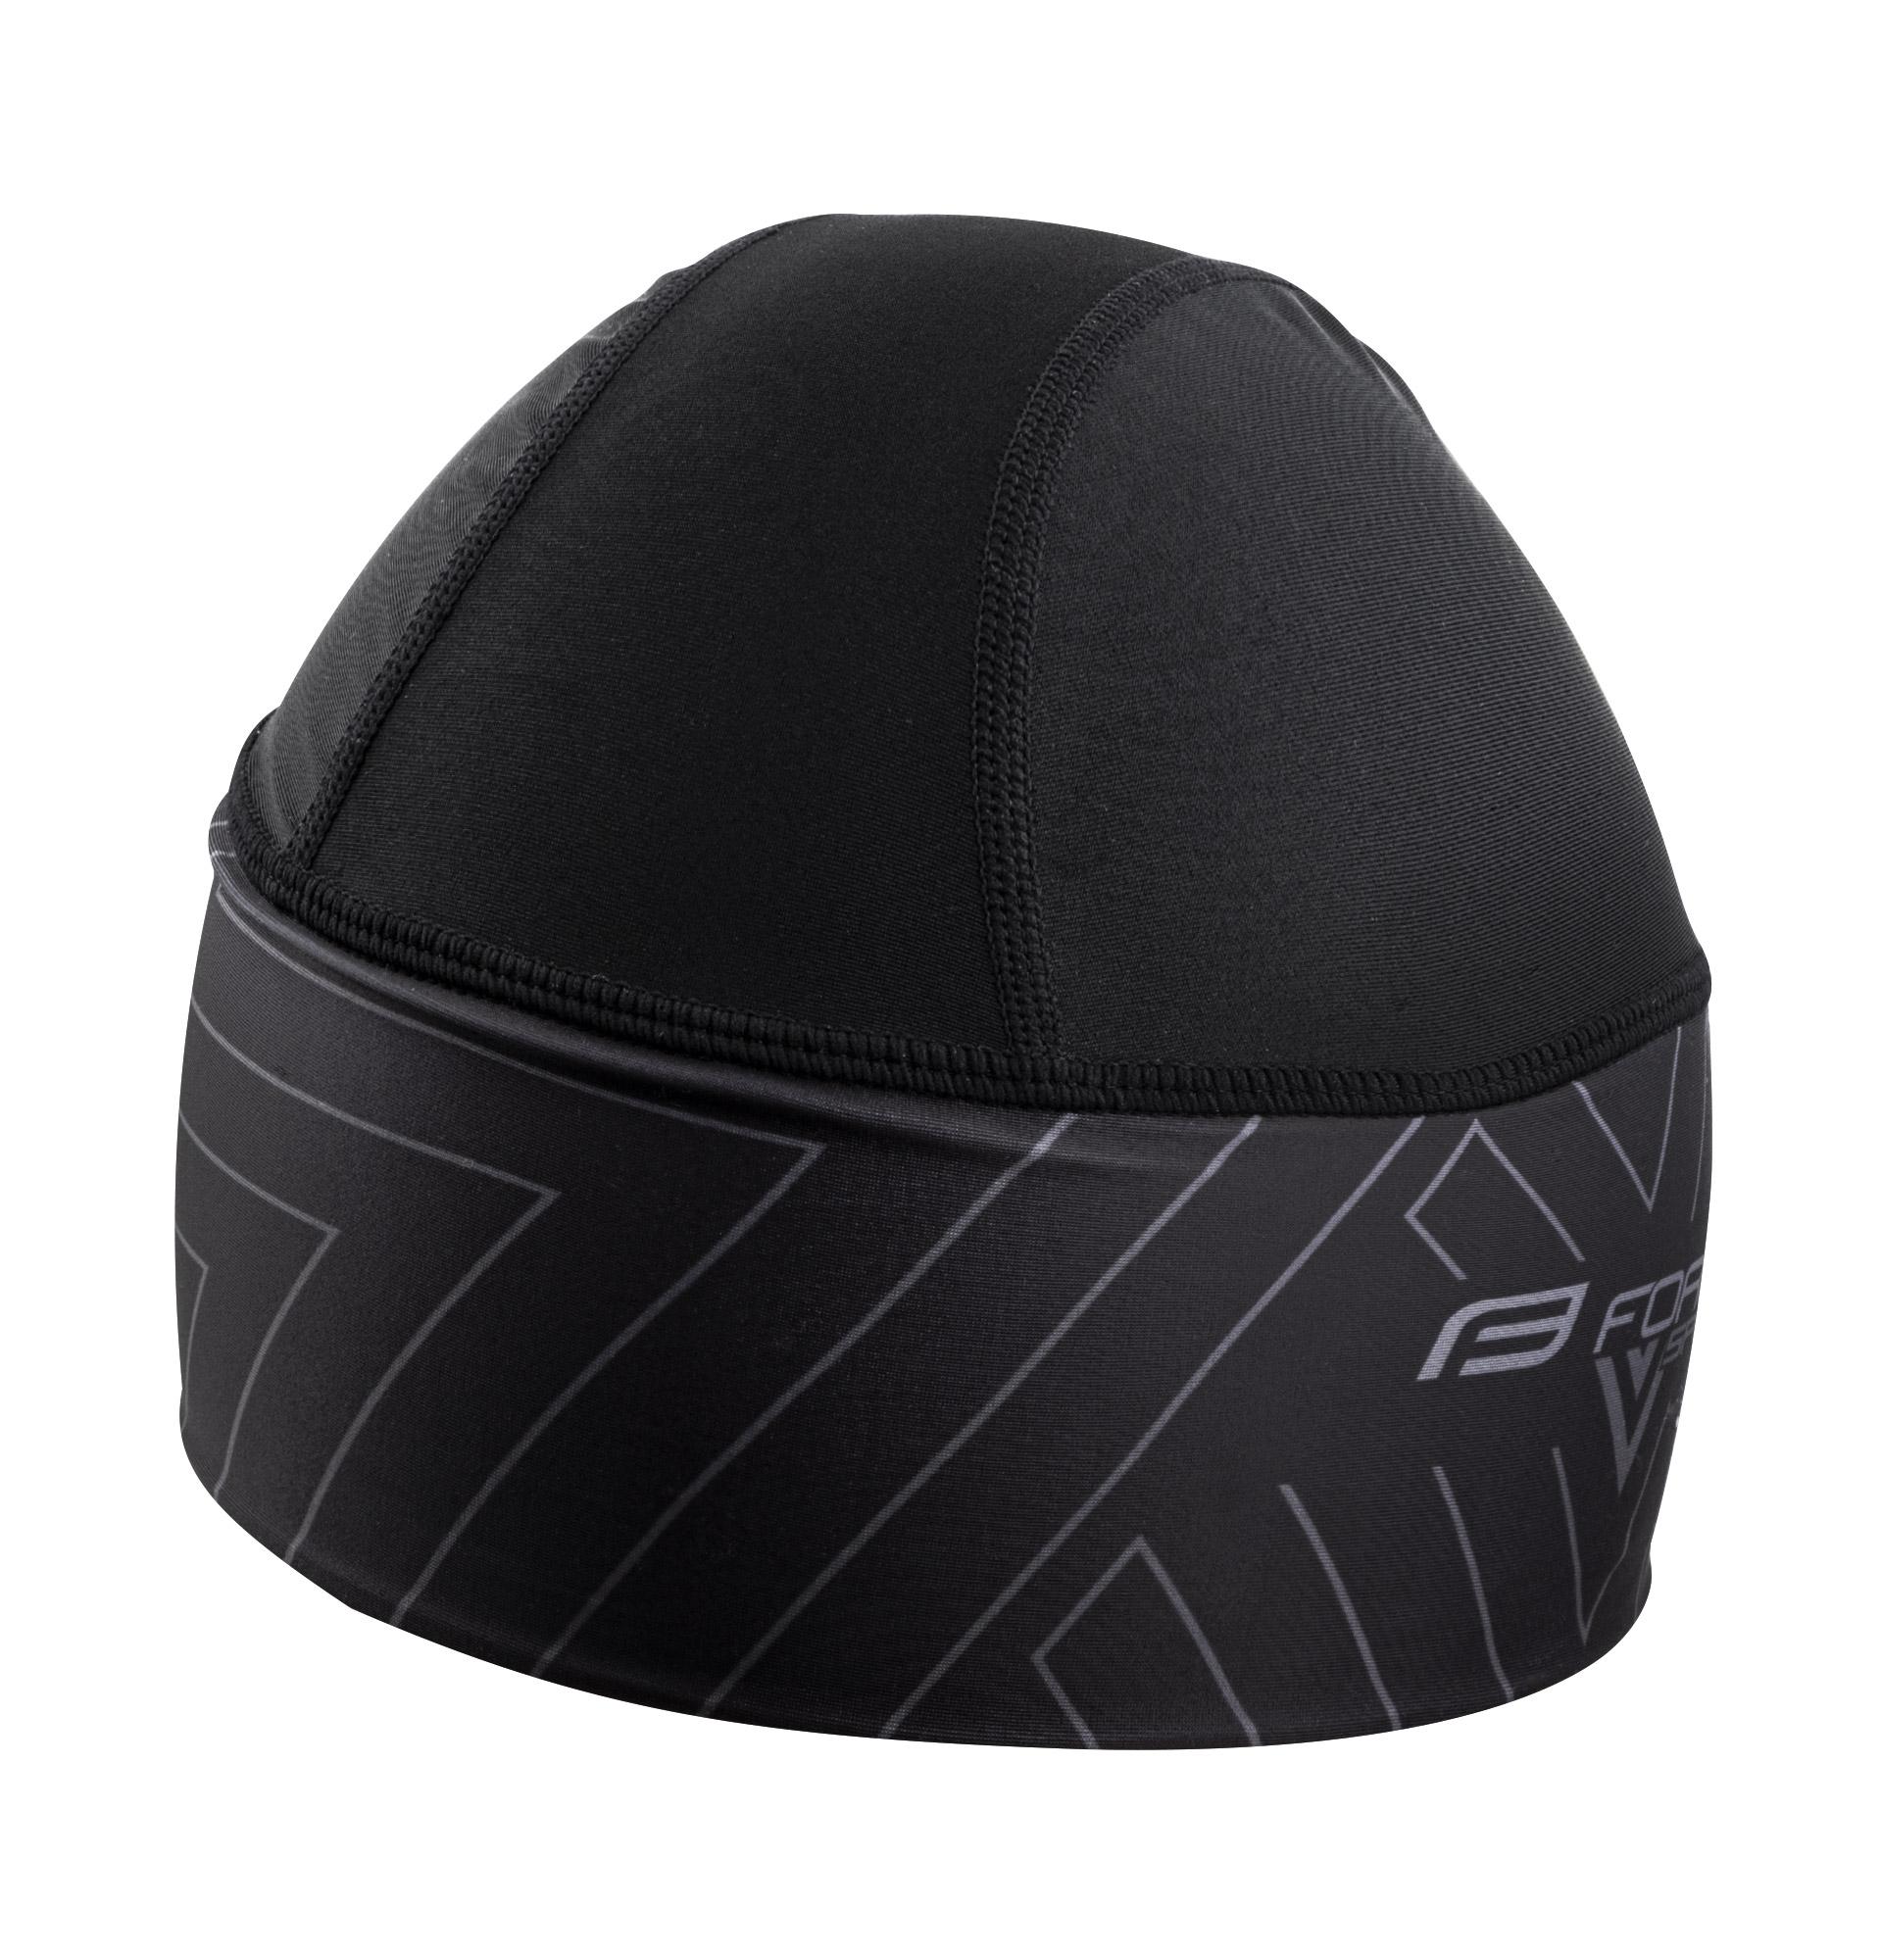 čepice pod přilbu FORCE SPIKE, černá L-XL